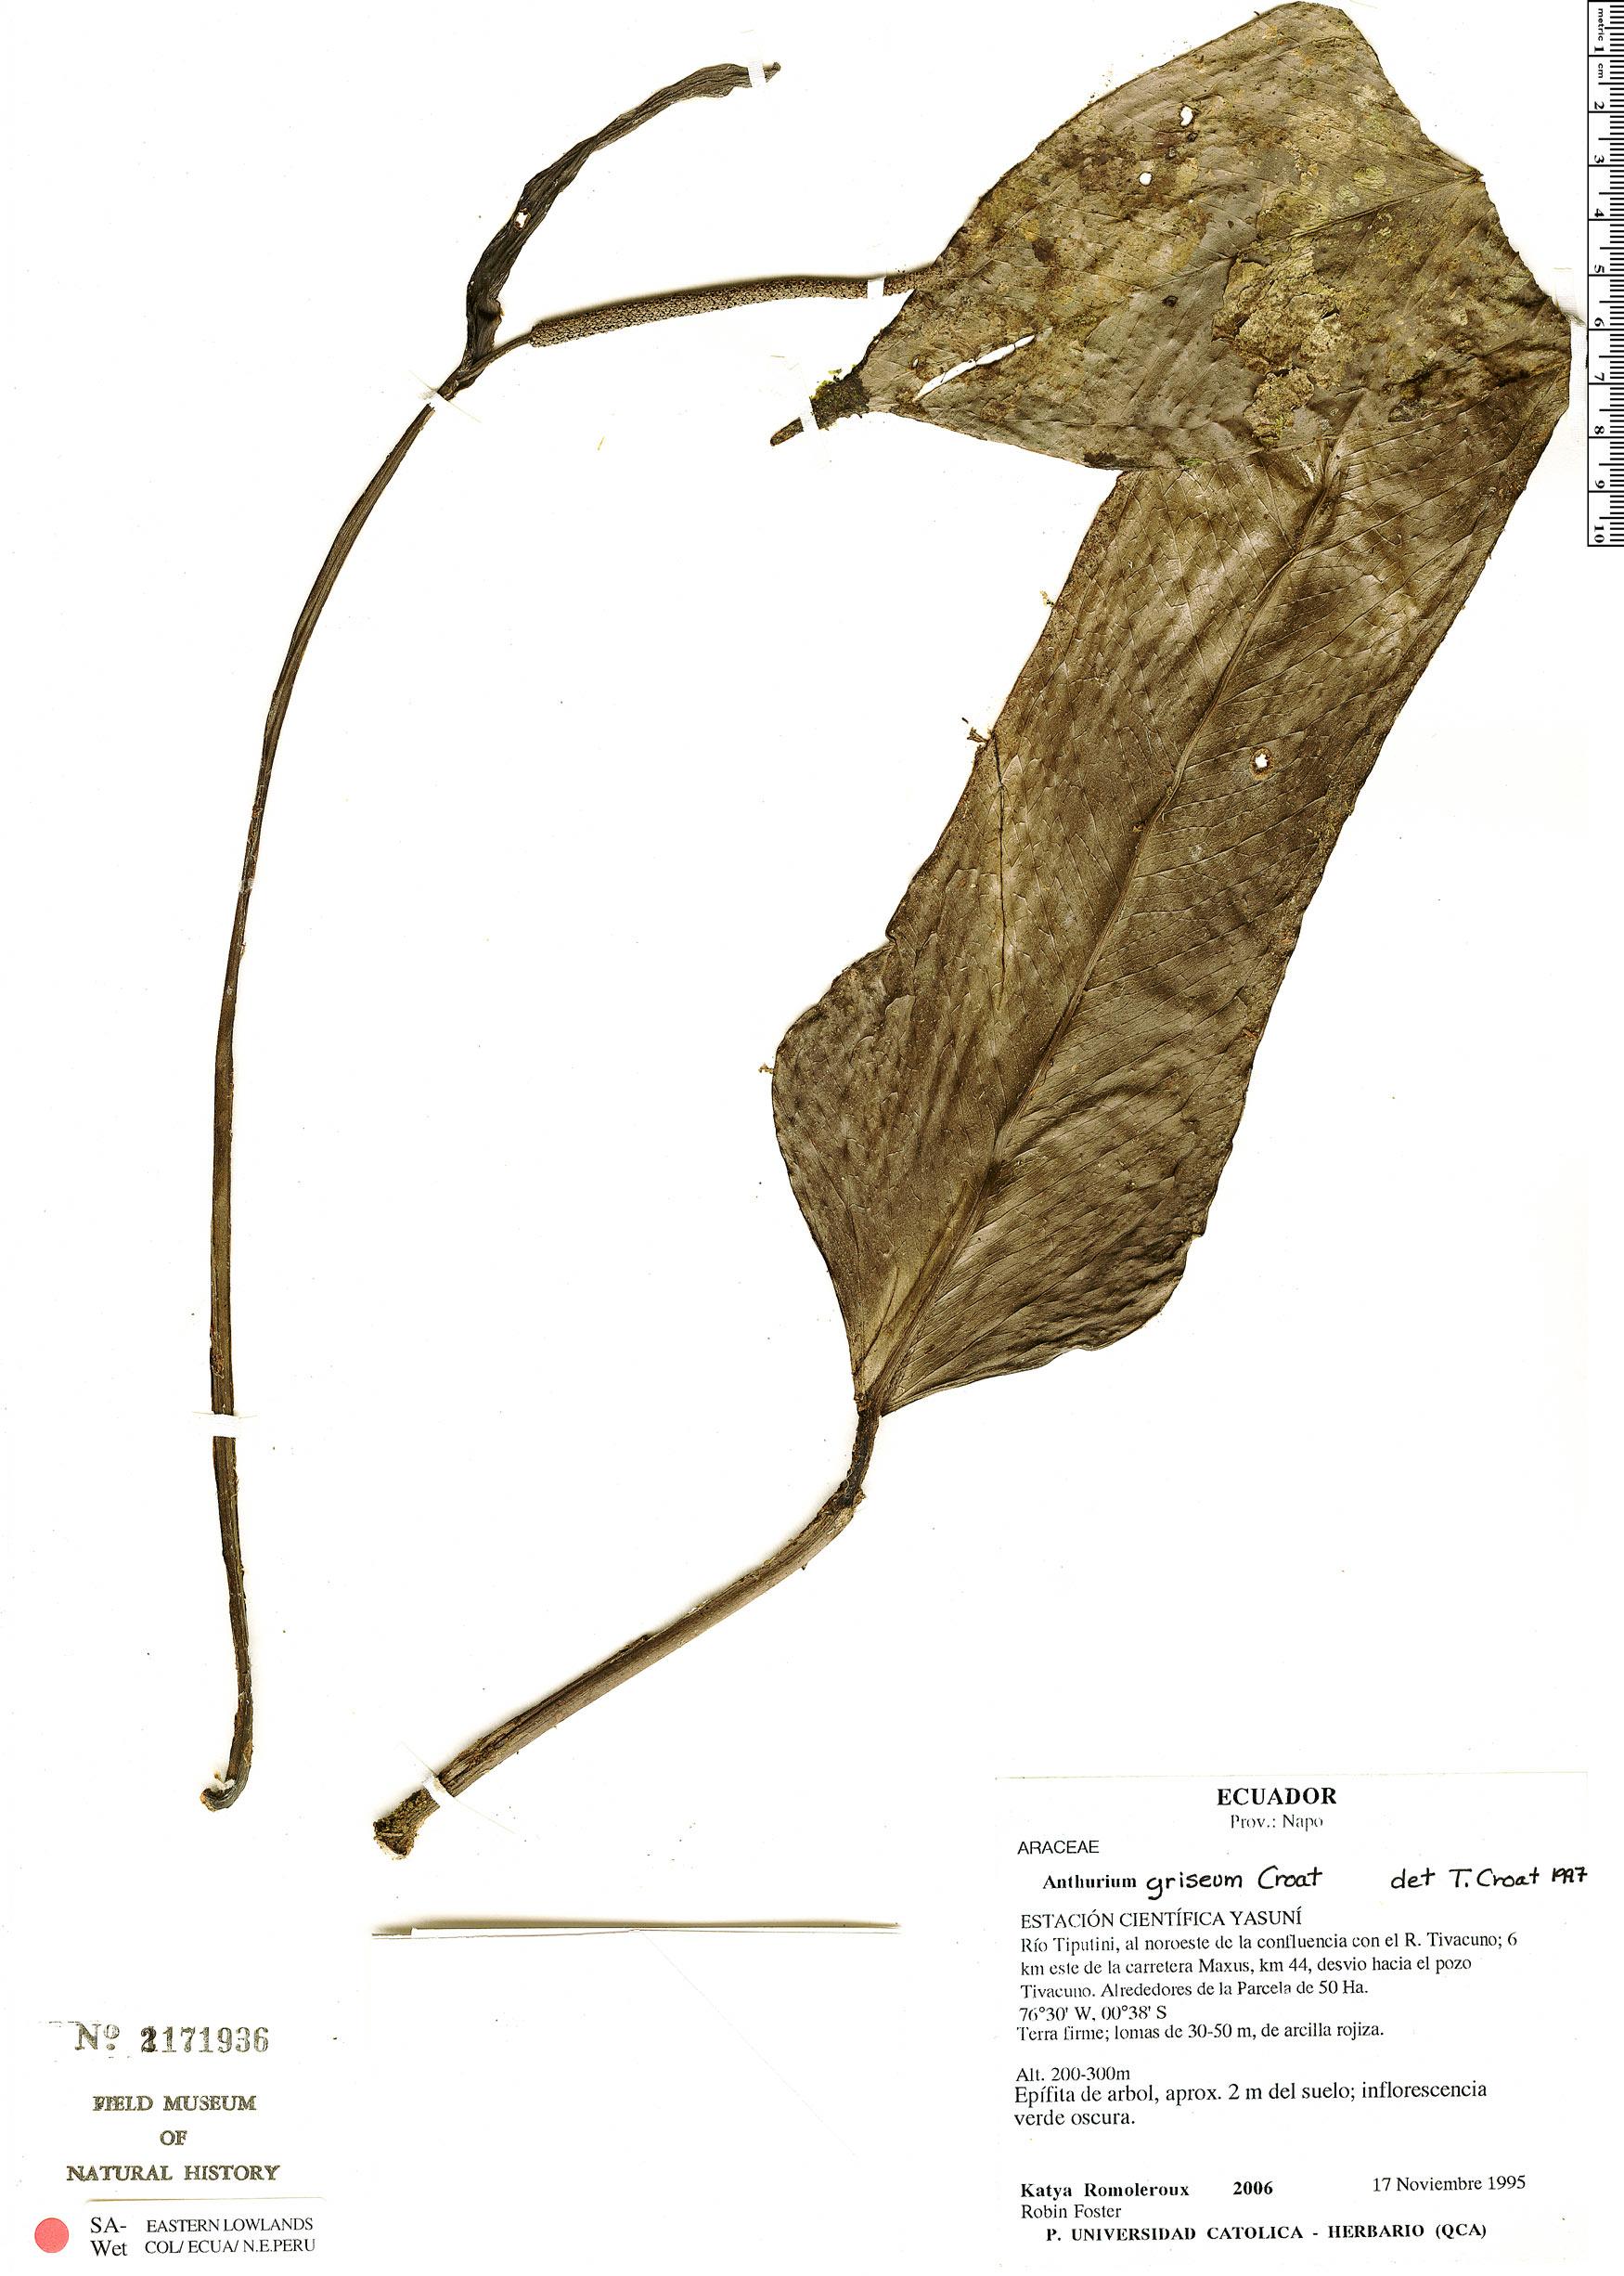 Specimen: Anthurium ceronii